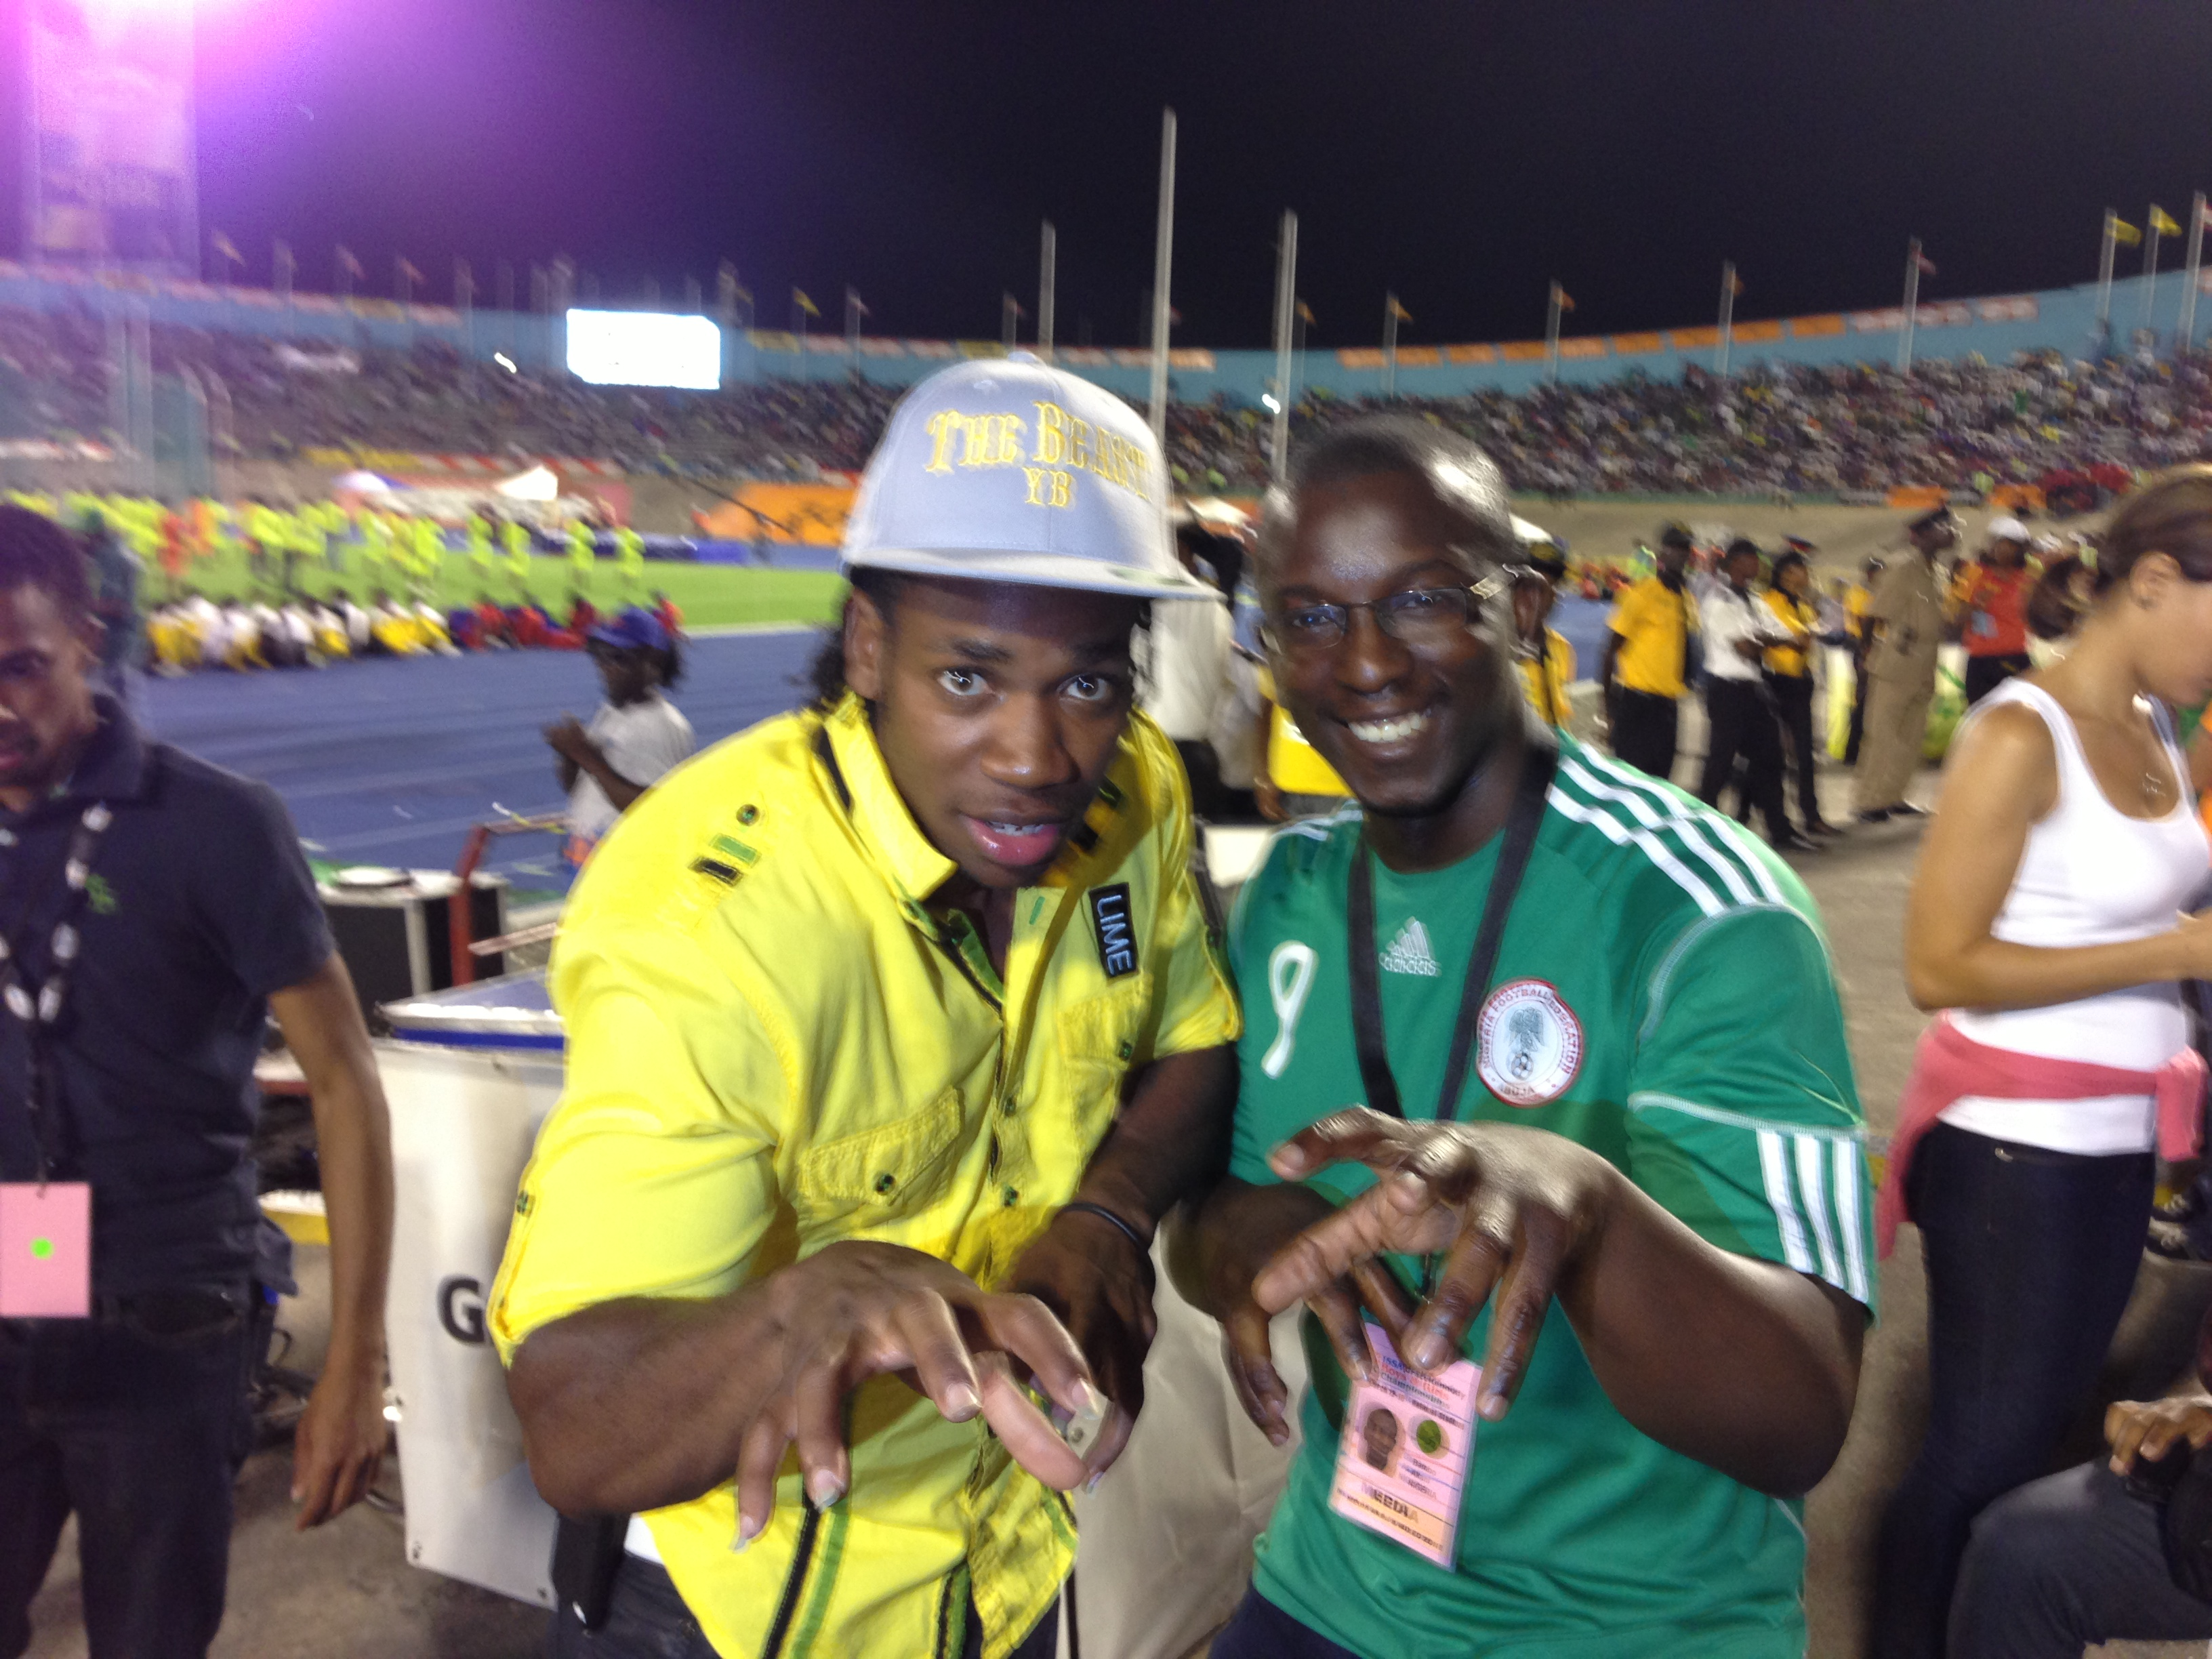 Bambo and Yohan at Champs